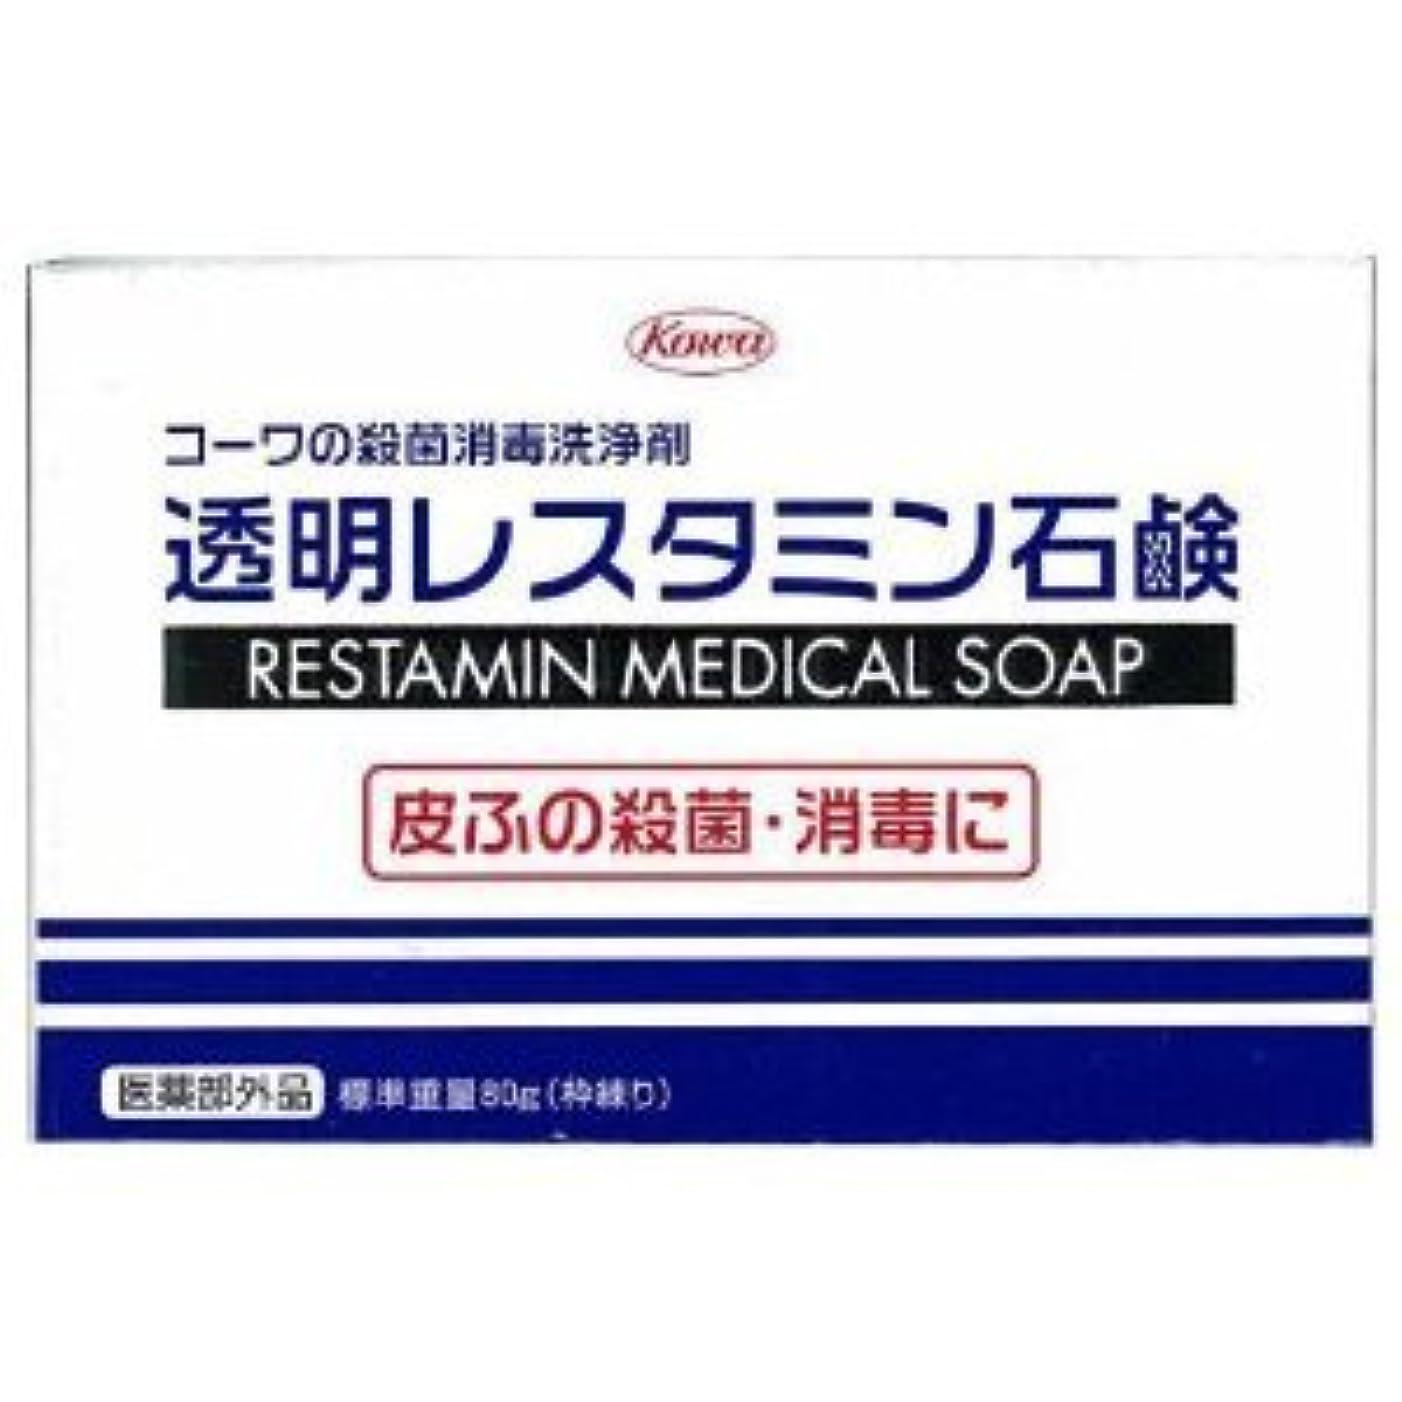 乱れサワー申し立て【興和】コーワの殺菌消毒洗浄剤「透明レスタミン石鹸」80g(医薬部外品) ×10個セット